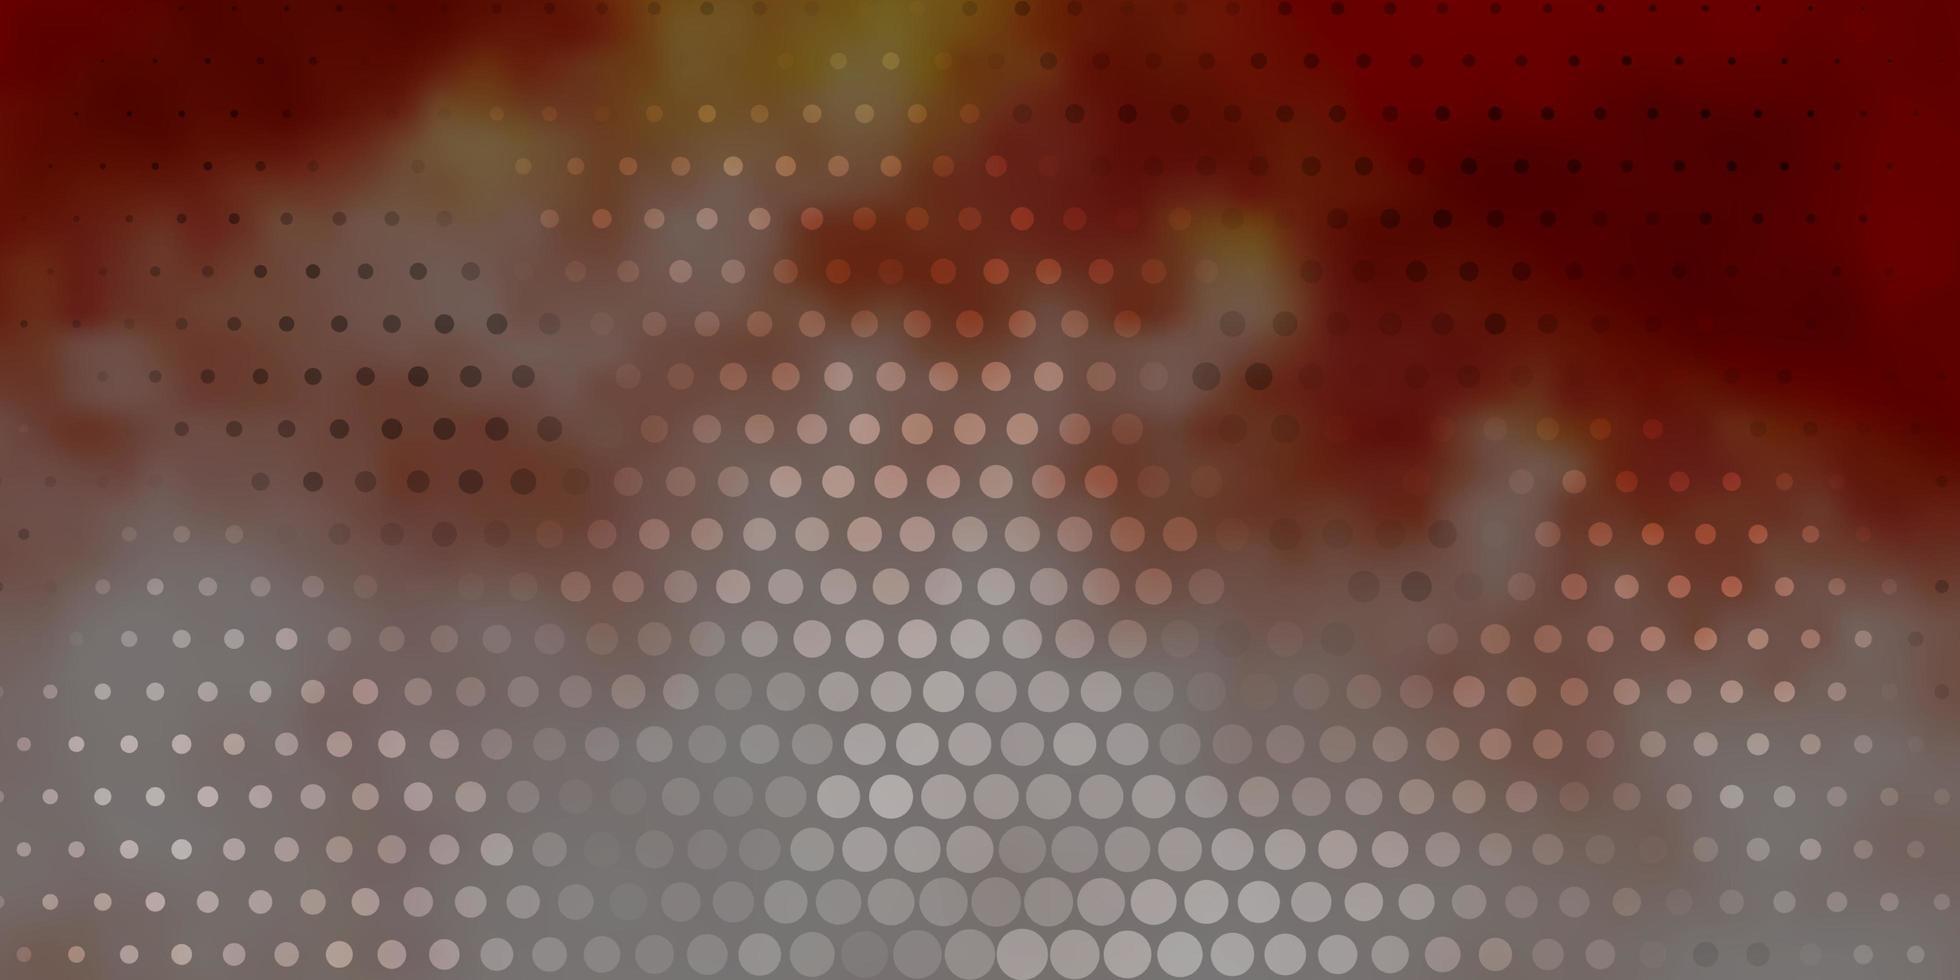 layout de vetor vermelho claro com formas de círculo.